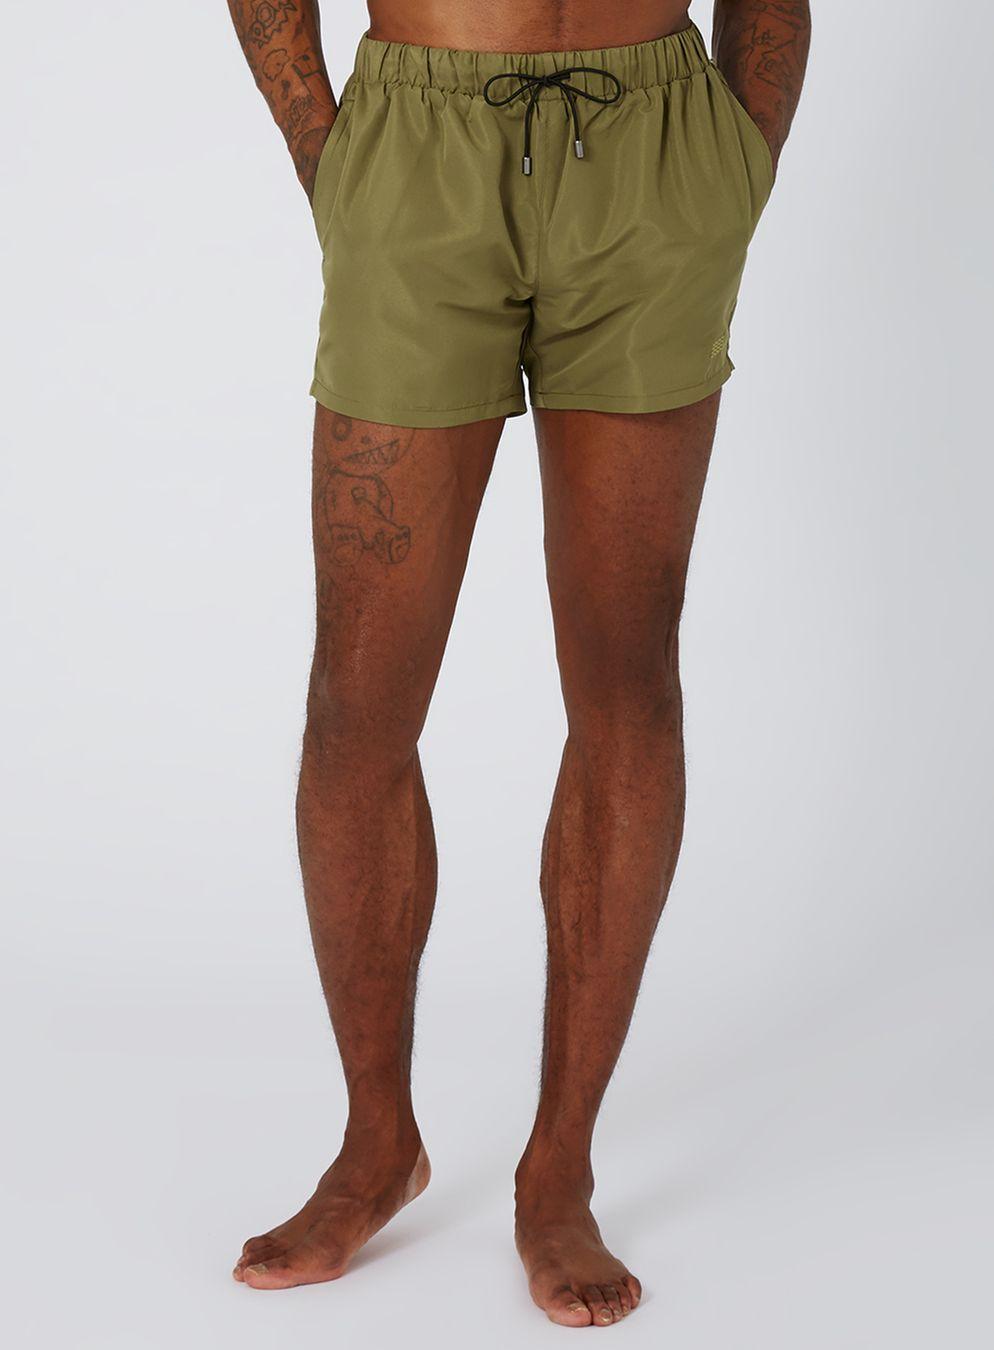 81cf398185 Khaki Swim Shorts   MAN SWIMSUITS   Swim shorts, Mens swim shorts ...